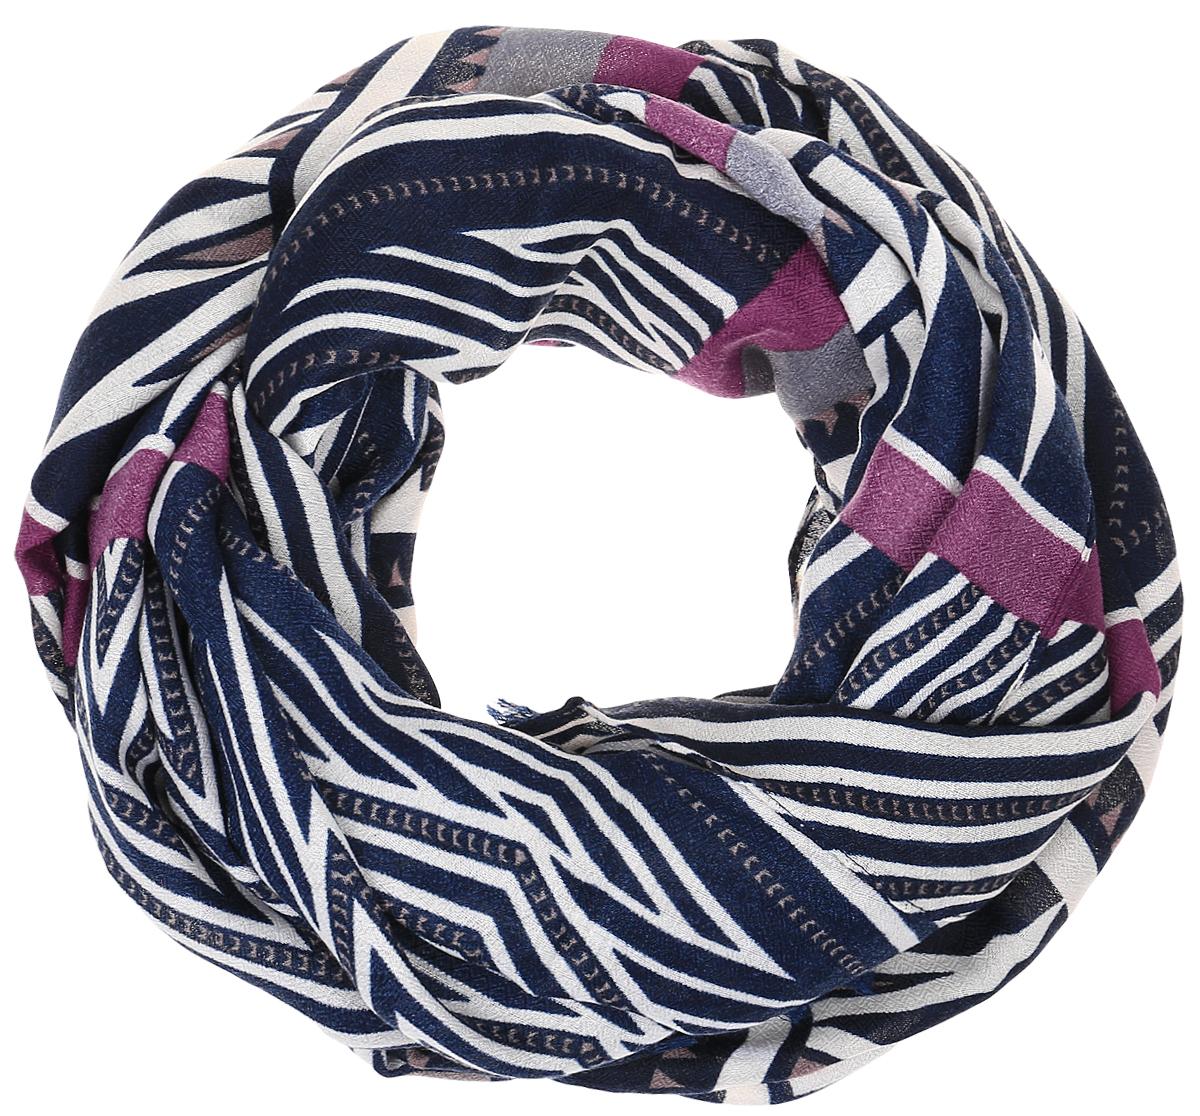 Палантин Sophie Ramage, цвет: синий, бежевый, бордовый. HL-21602-10. Размер 90 см х 180 смHL-21602-10Элегантный палантин Sophie Ramage станет достойным завершением вашего образа. Палантин изготовлен из модала с добавлением шерсти. Модель оформлена оригинальным геометрическим принтом. Палантин красиво драпируется, он превосходно дополнит любой наряд и подчеркнет ваш изысканный вкус. Легкий и изящный палантин привнесет в ваш образ утонченность и шарм.